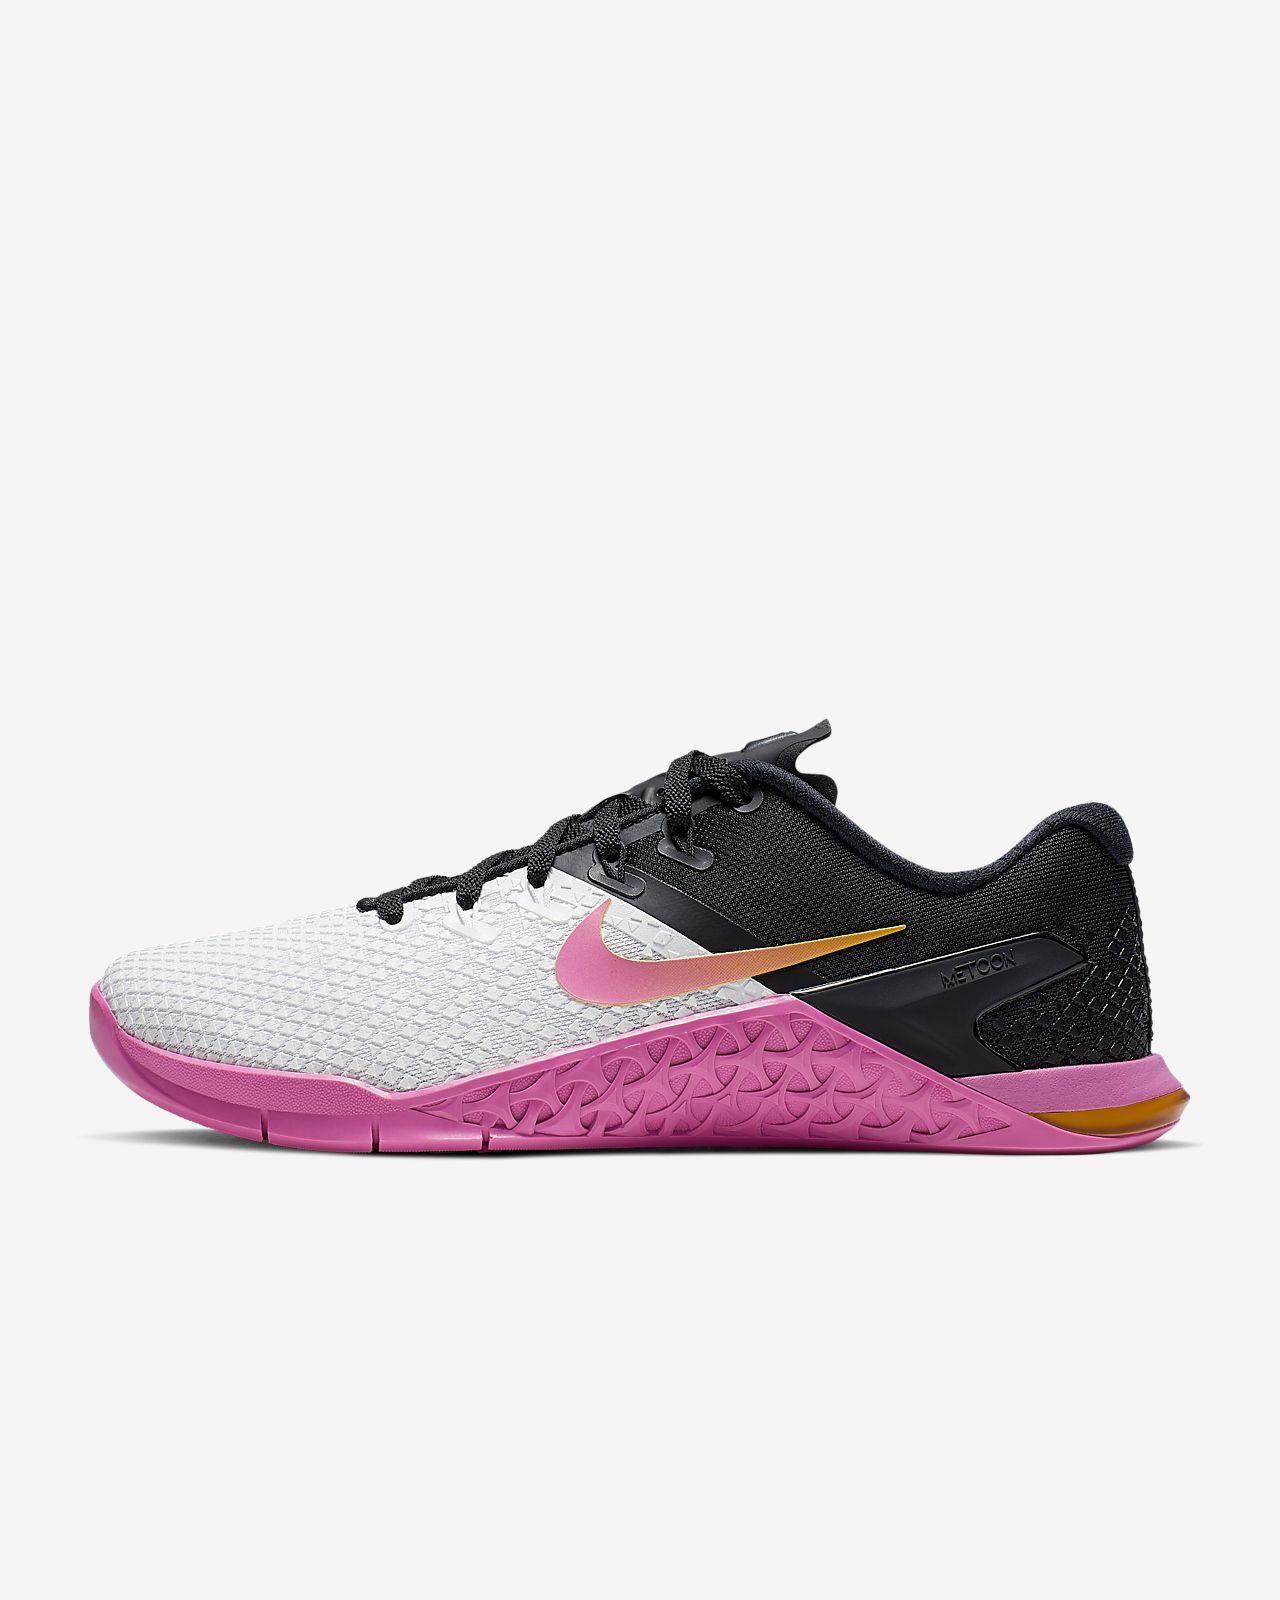 859f679efa8 ... Nike Metcon 4 XD Zapatillas de cross training y levantamiento de pesas  - Mujer